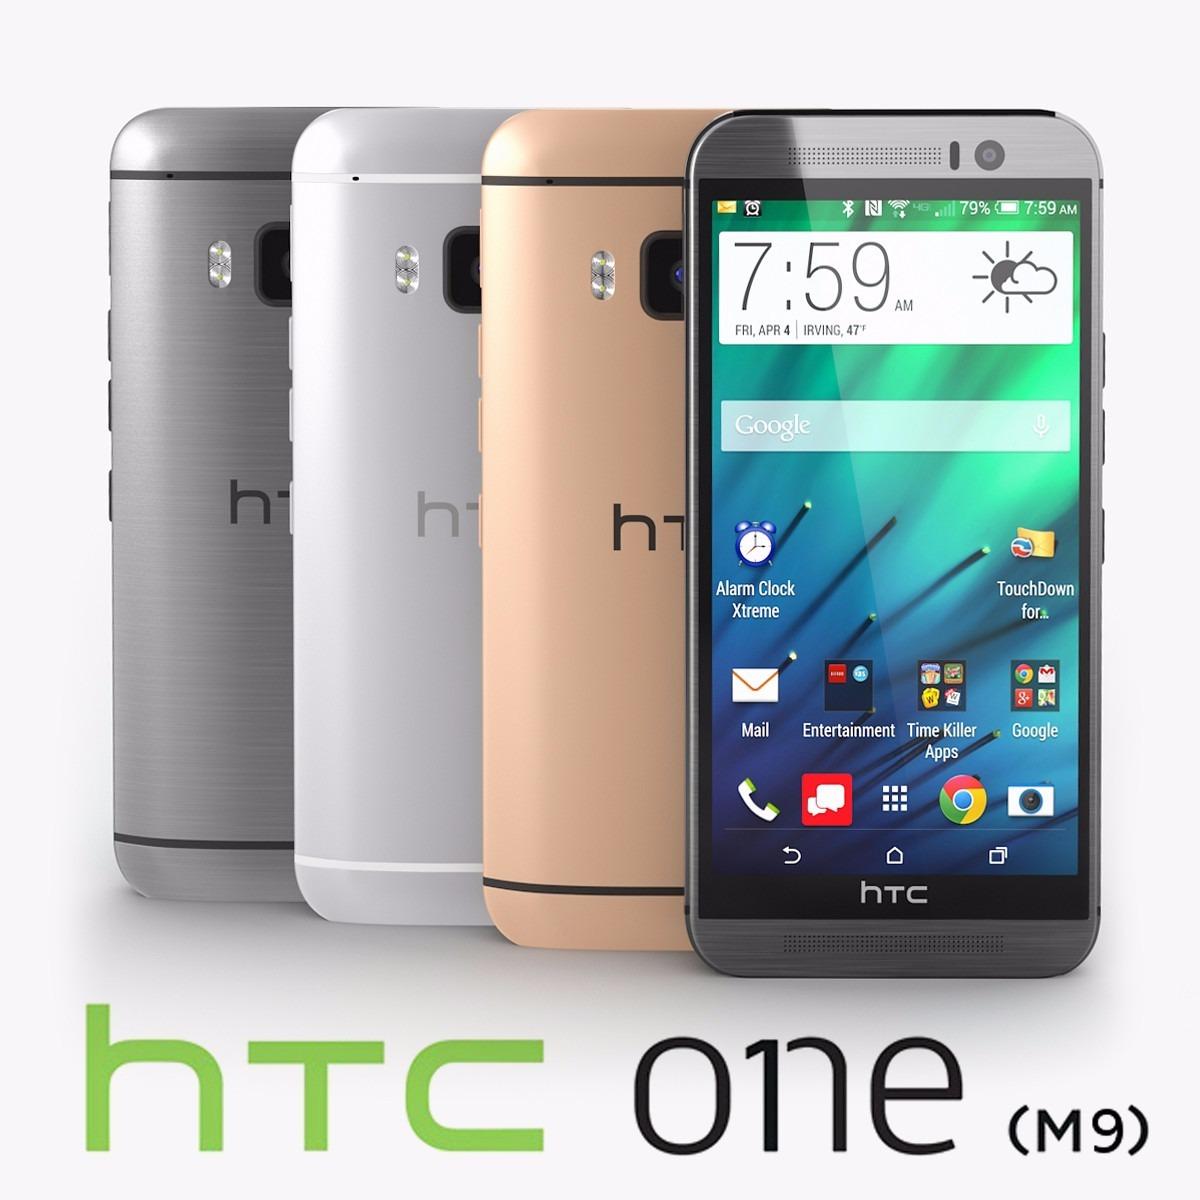 Celular htc one m9 32gb 4g lte octacore demo envio gratis for Piletas intex precios y modelos